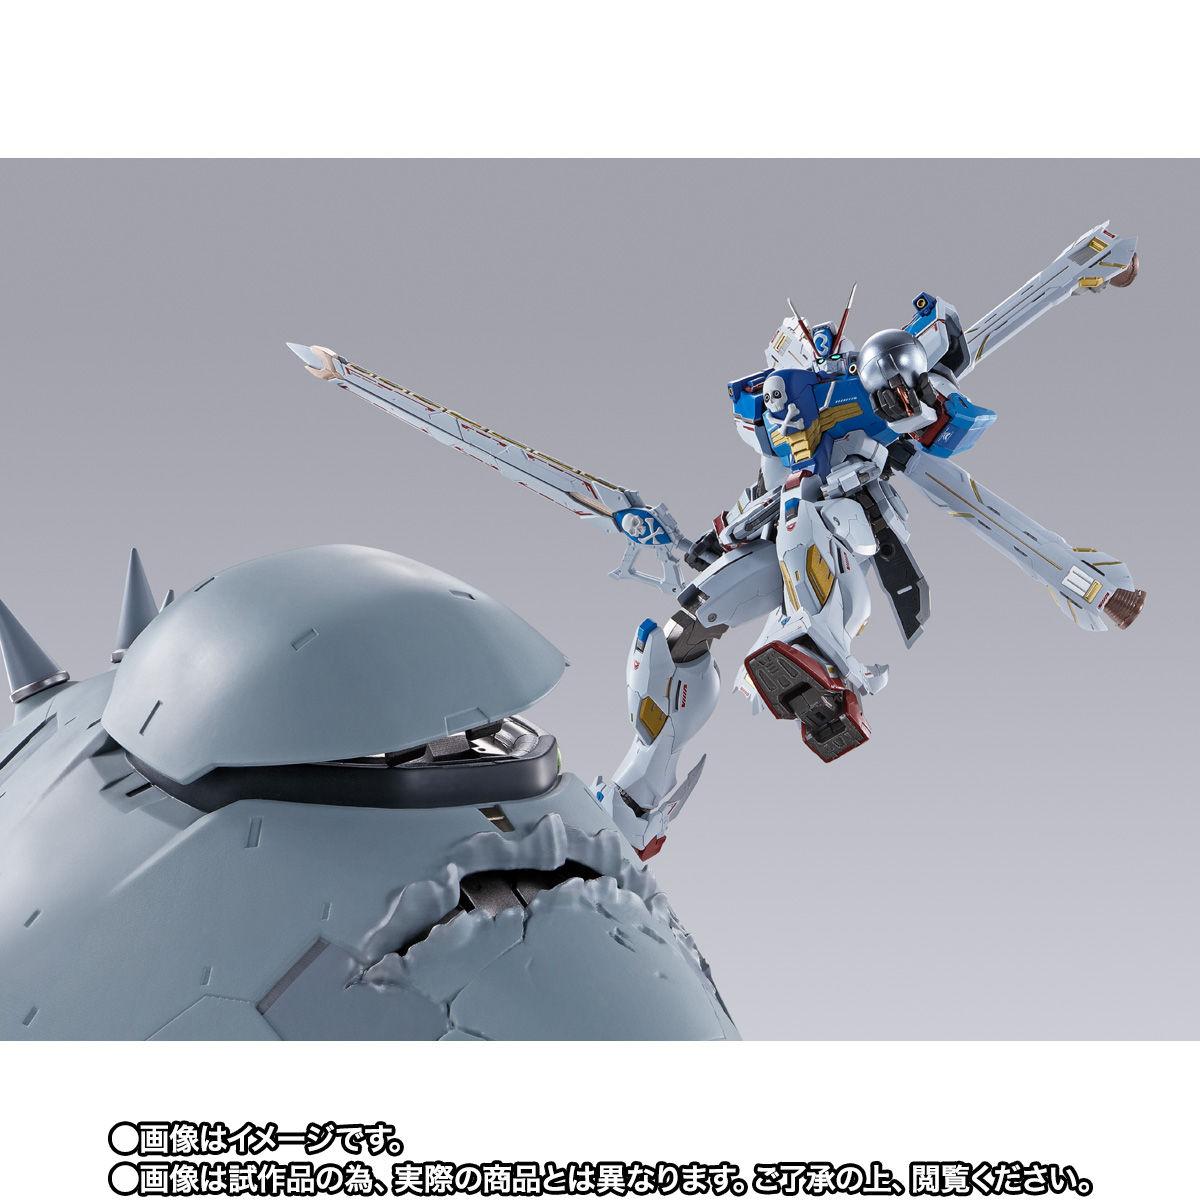 【限定販売】METAL BUILD『クロスボーン・ガンダムX3』機動戦士クロスボーン・ガンダム 可動フィギュア-007